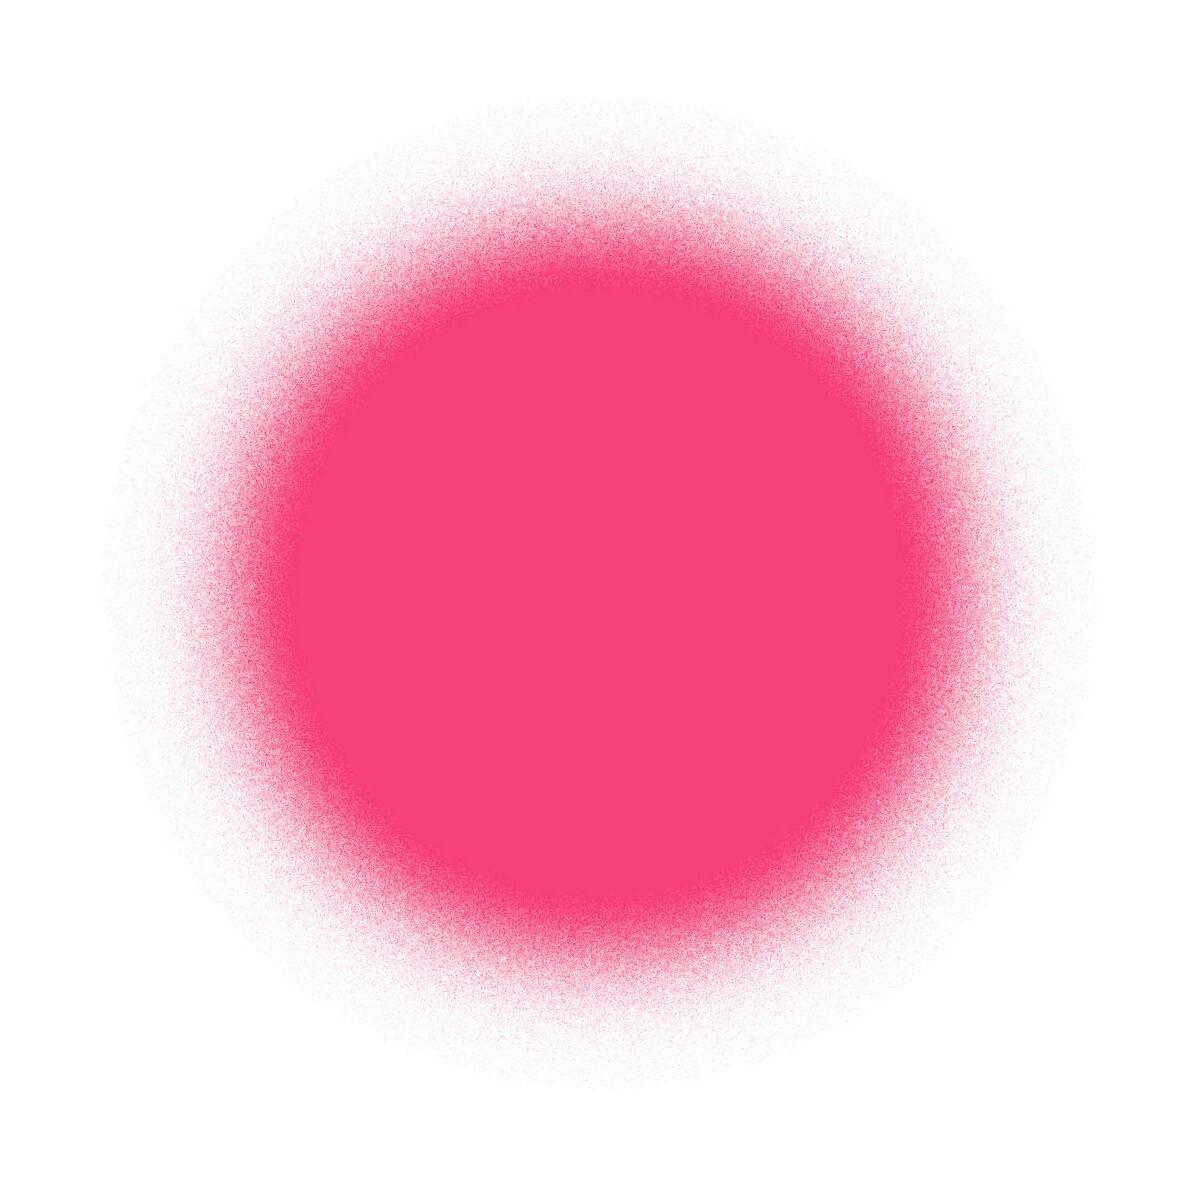 Spray Fluorescencyjny 0 4 L Rozowy Luxens Spraye W Atrakcyjnej Cenie W Sklepach Leroy Merlin